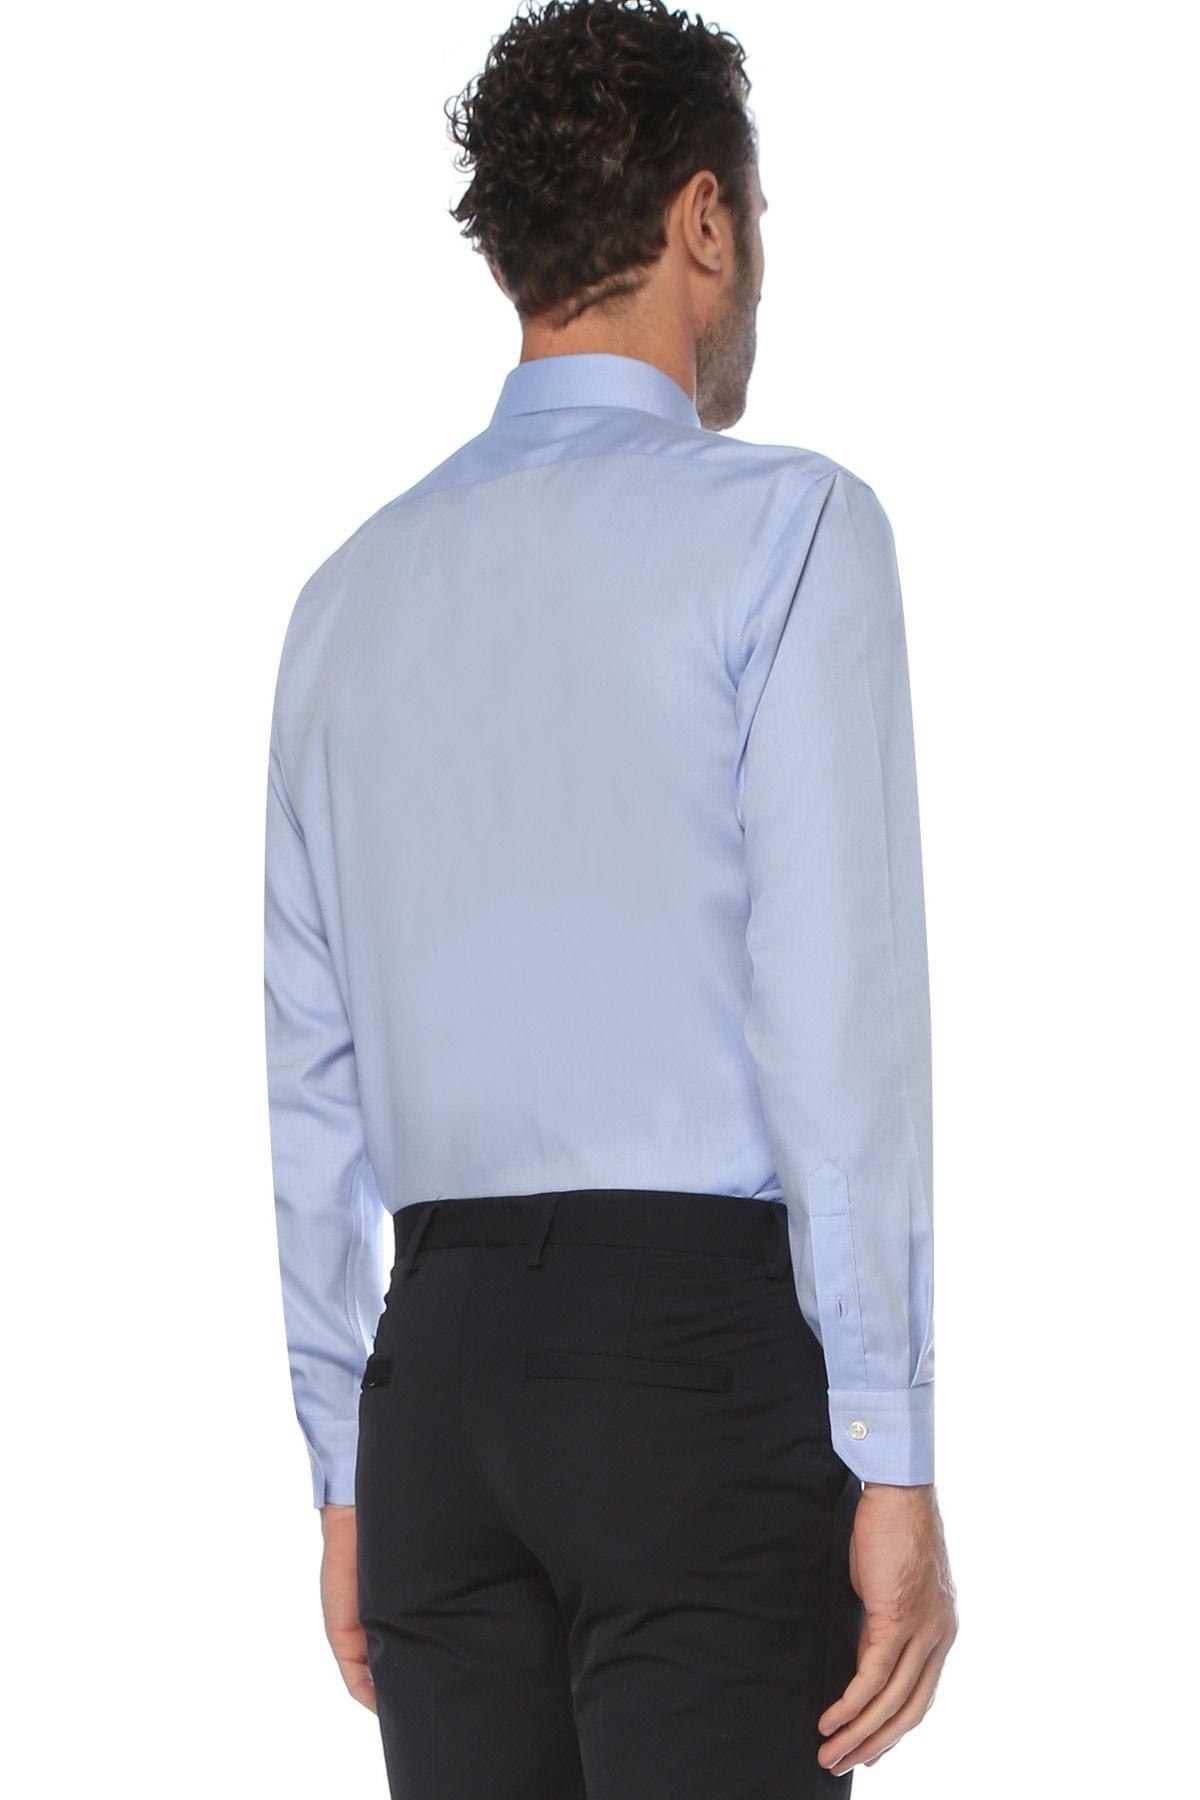 Network Erkek Koyu Mavi Non Iron Koyu Mavi Desenli Gömlek 1075268